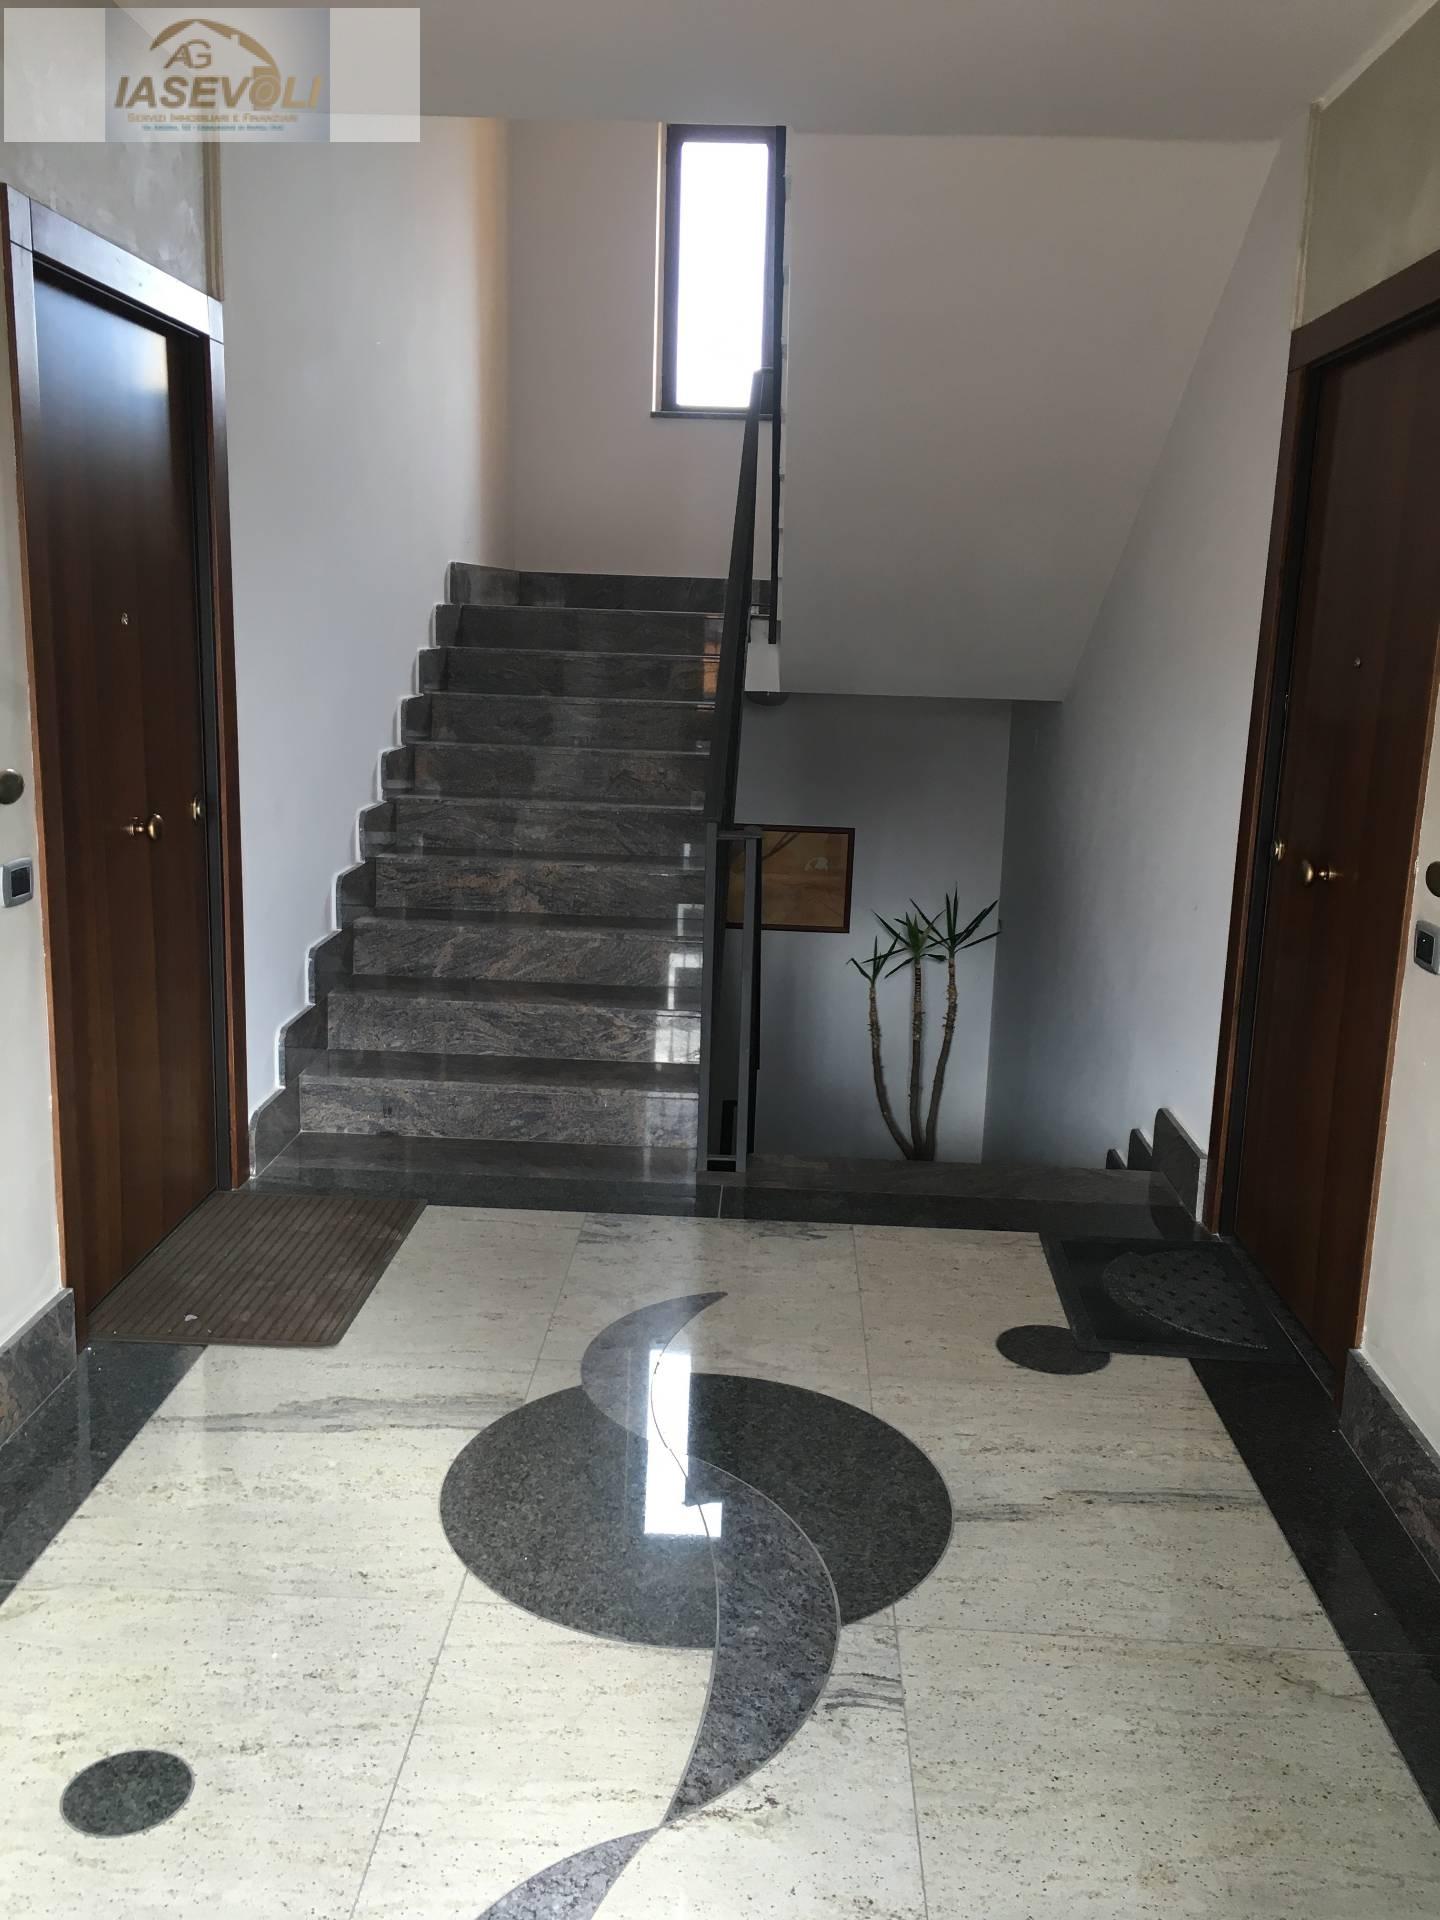 Appartamento in vendita a Trentola-Ducenta, 4 locali, prezzo € 125.000 | Cambio Casa.it